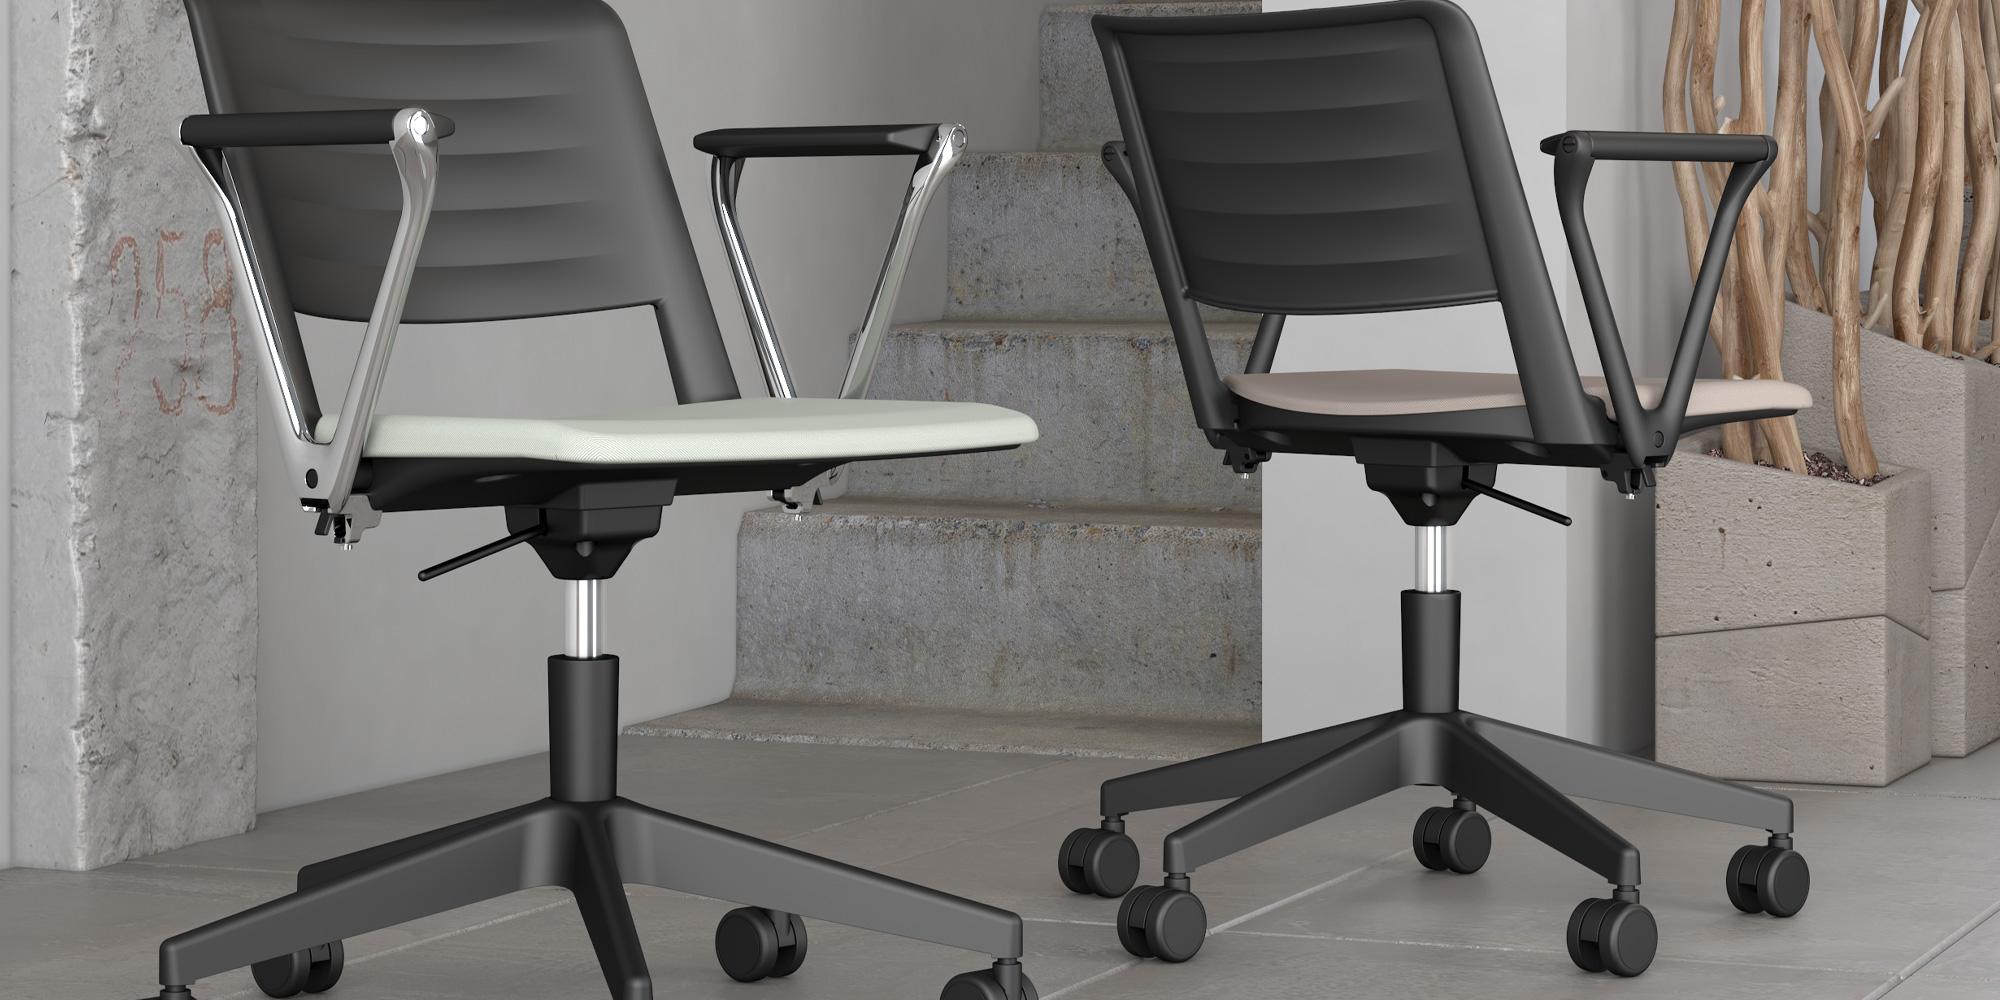 Salto Agile Seating Feature Image